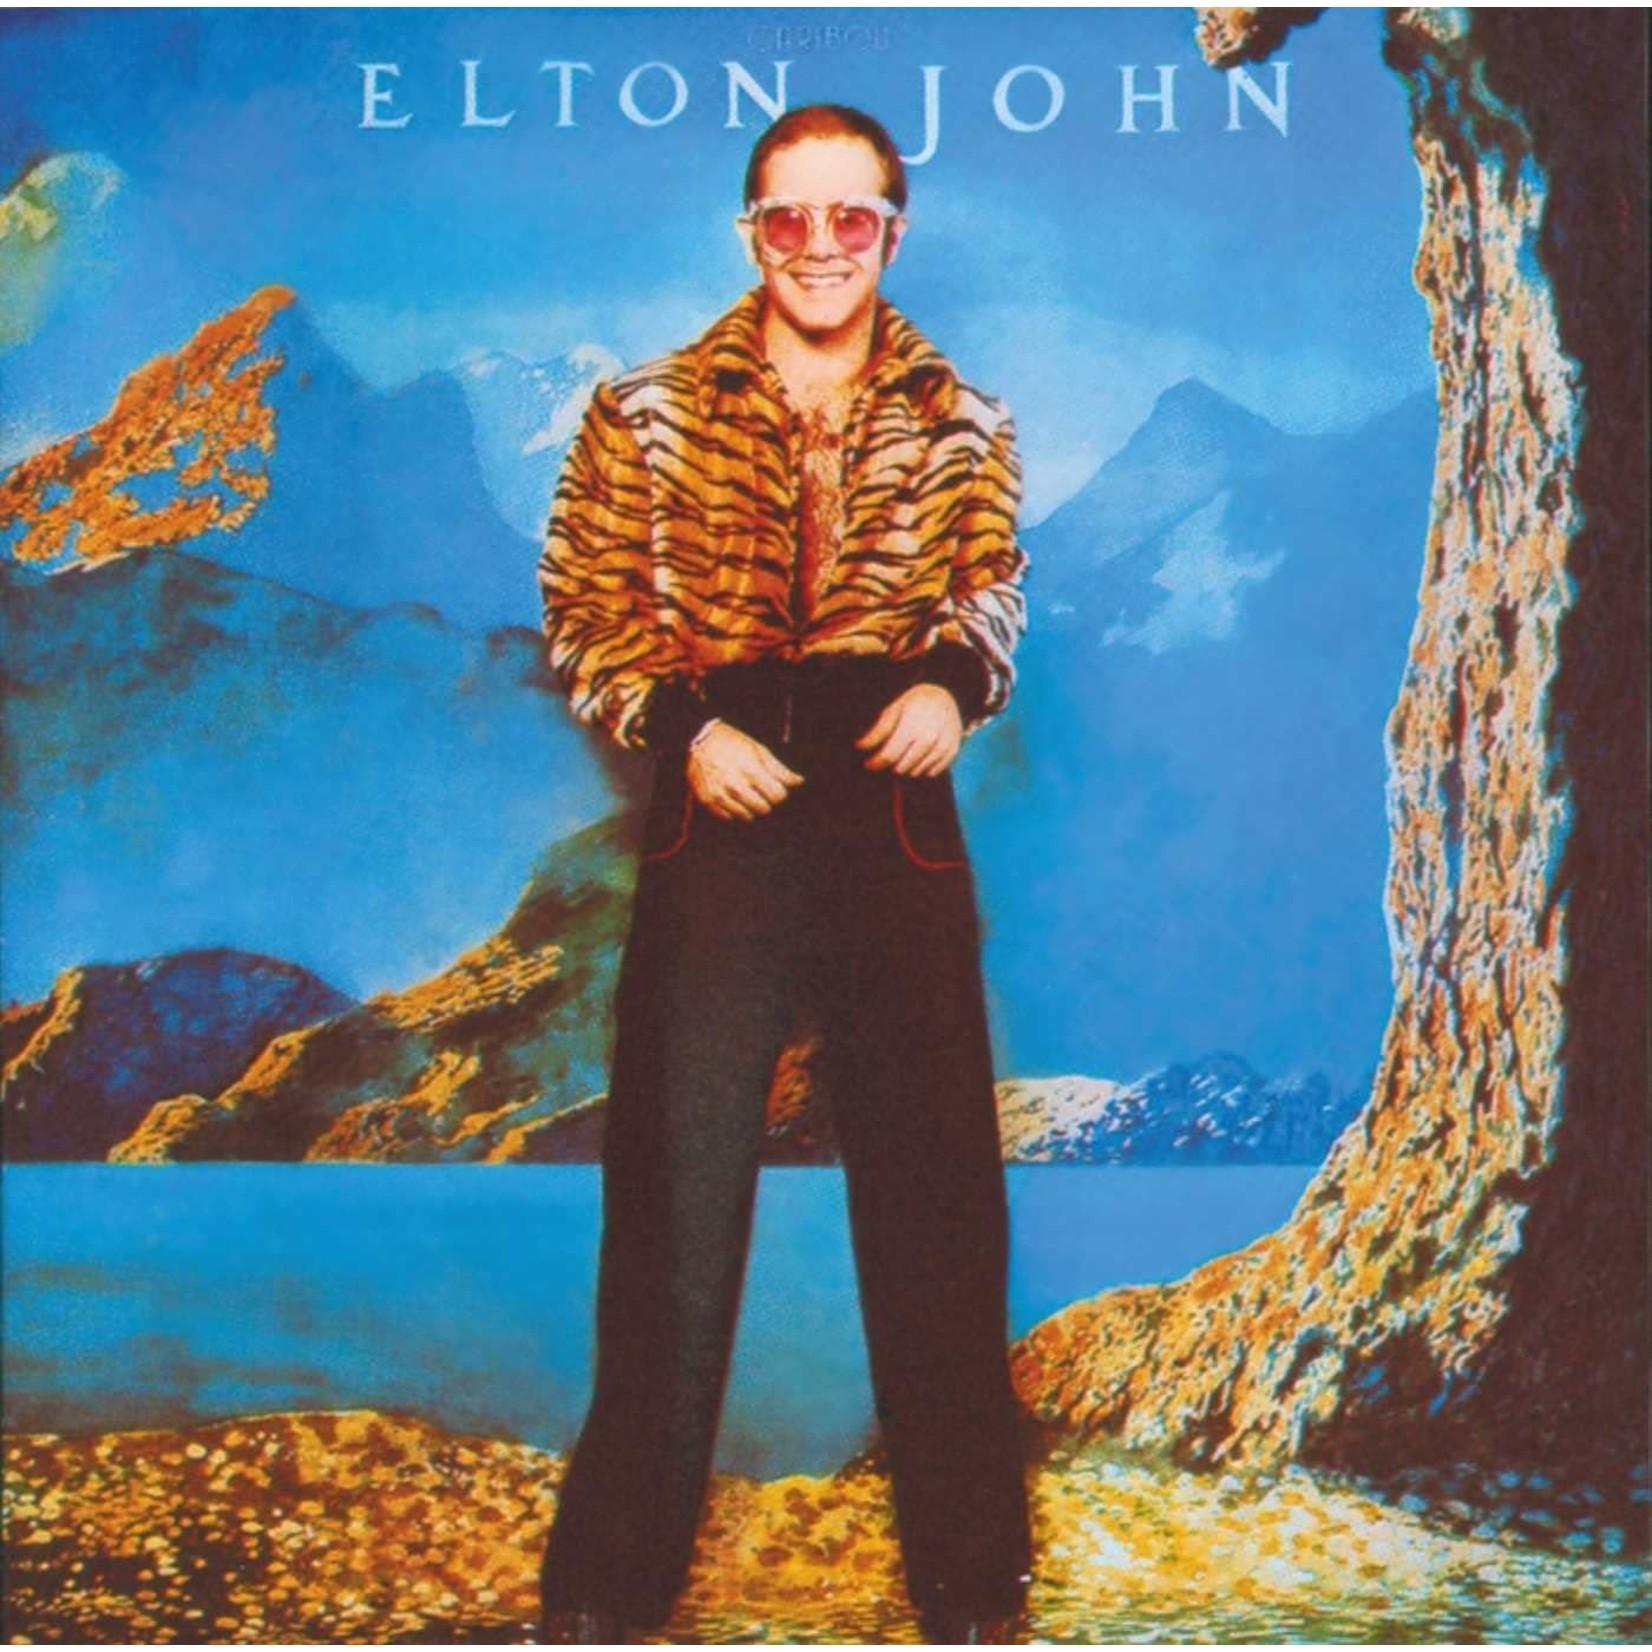 [New] John, Elton: Caribou